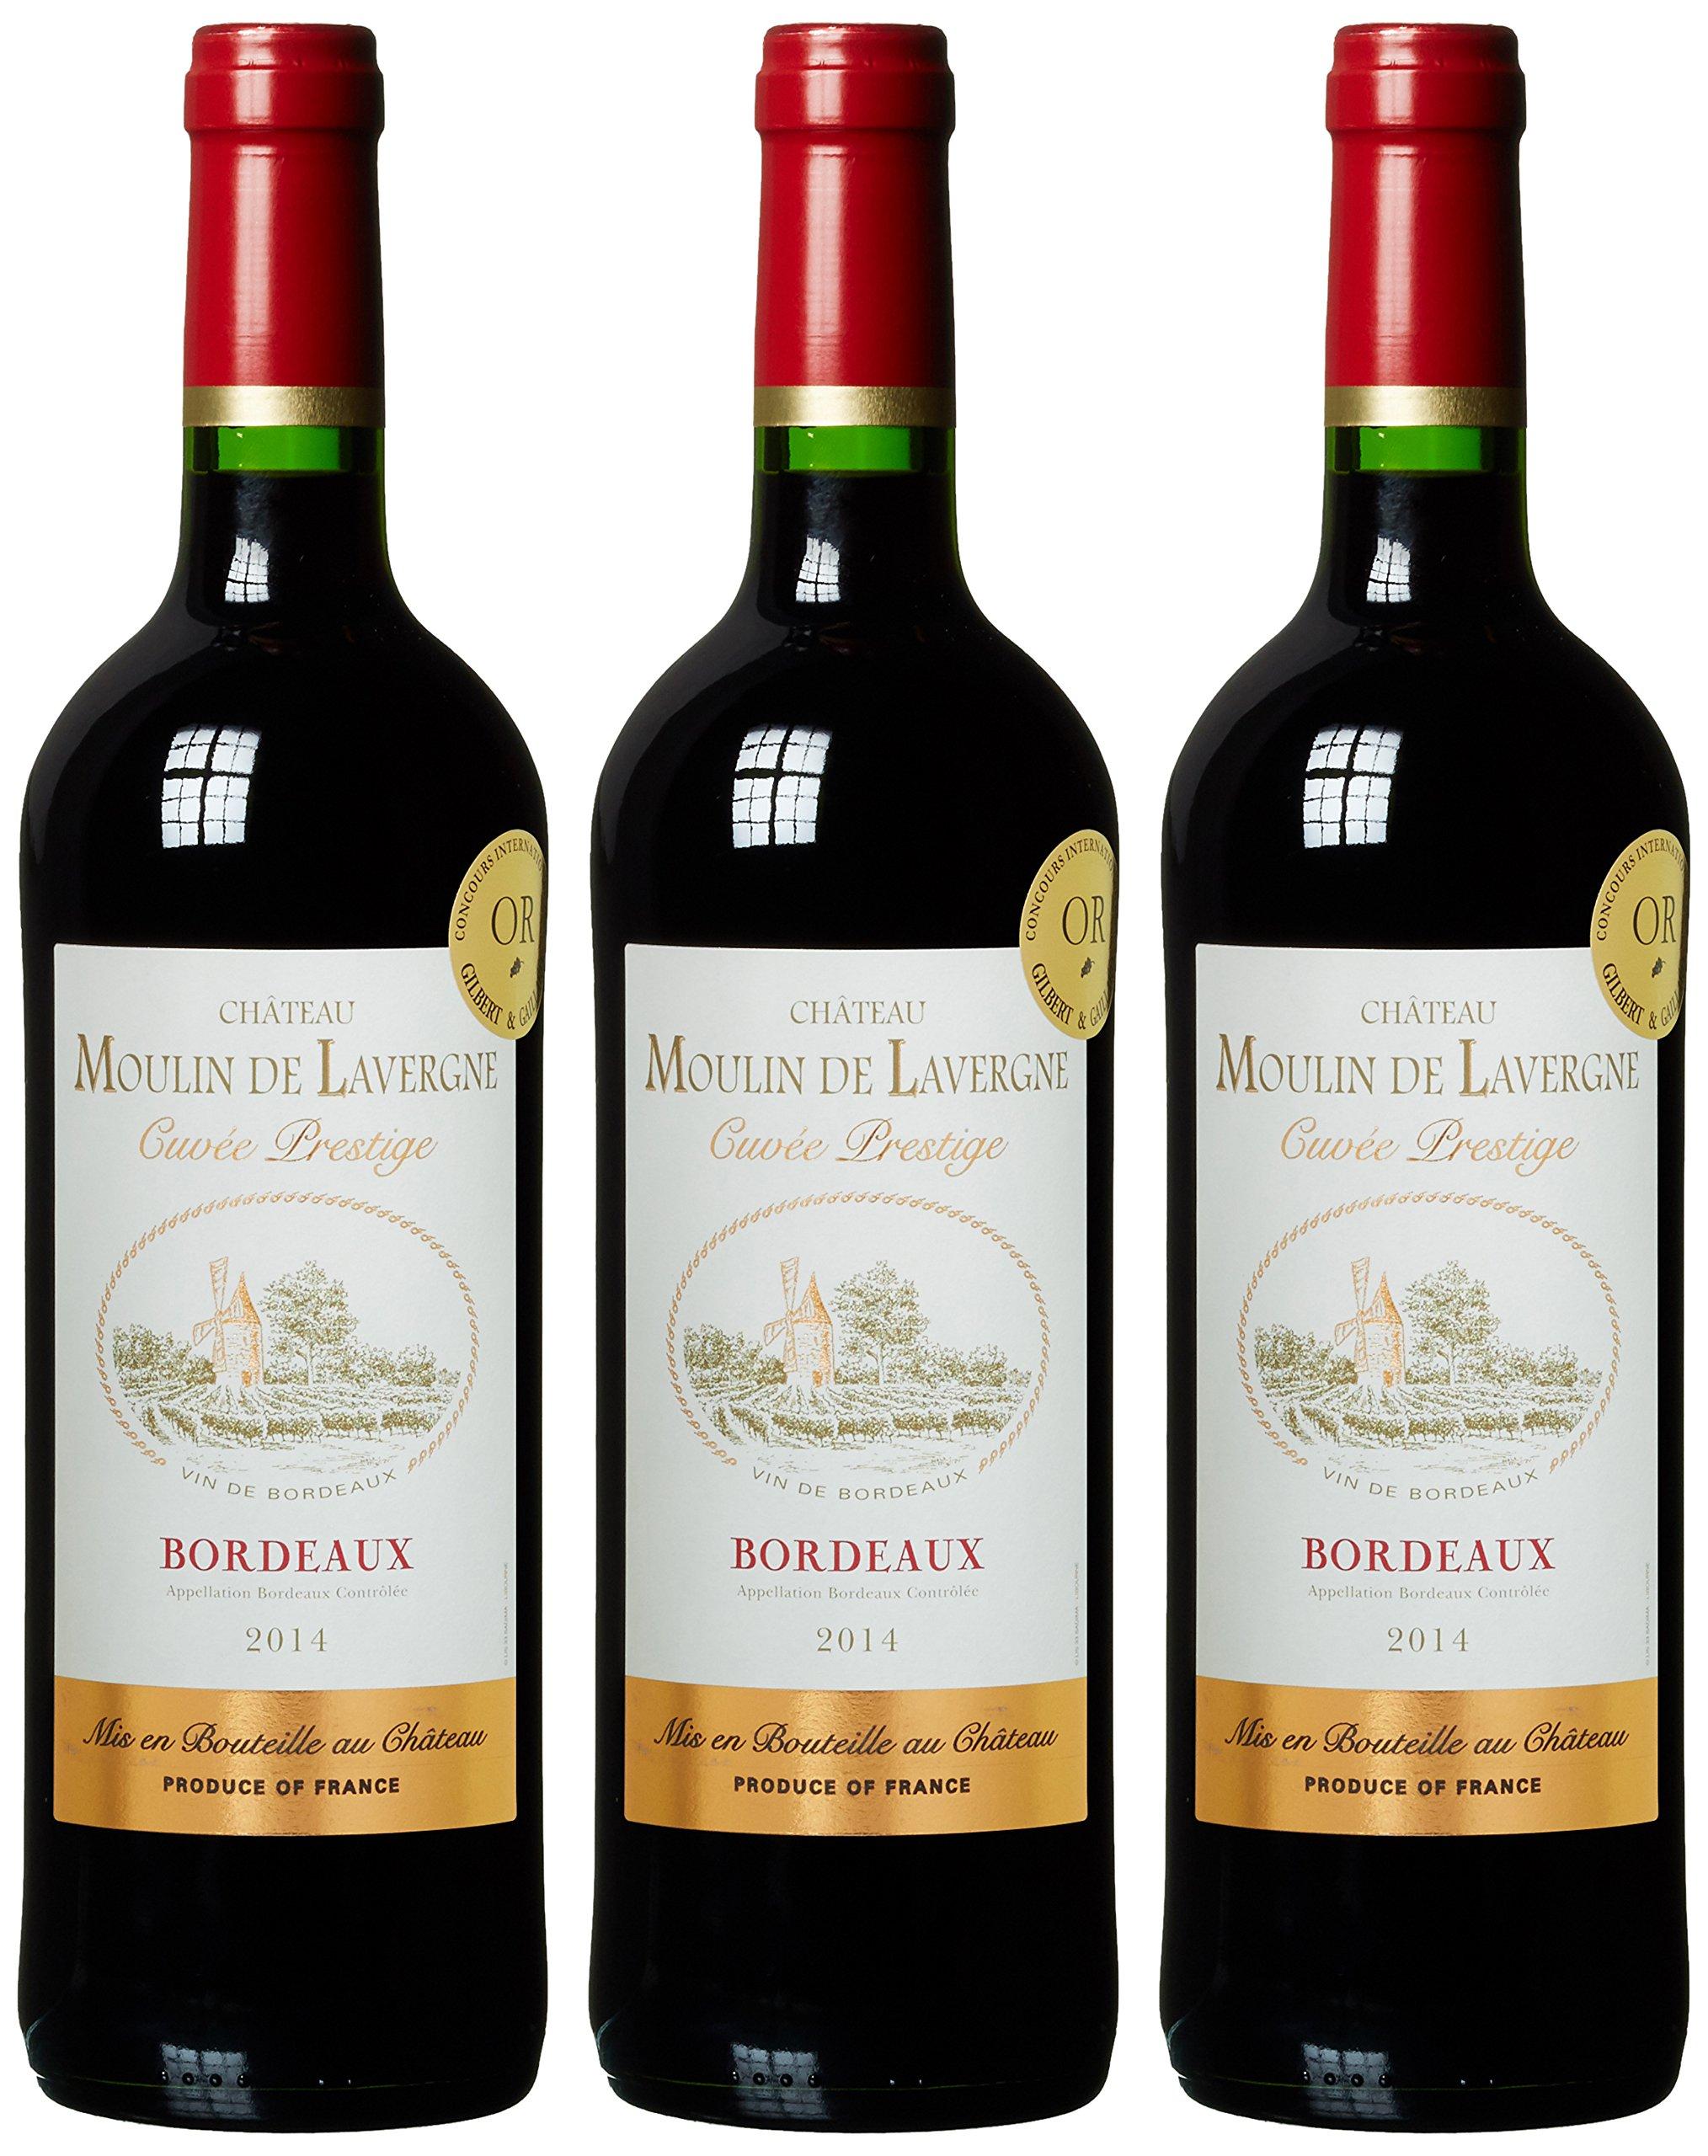 La-Passion-des-Terroires-Chteau-Moulin-de-Lavergne-AC-Bordeaux-Merlot-65-Trocken-3-x-075-l